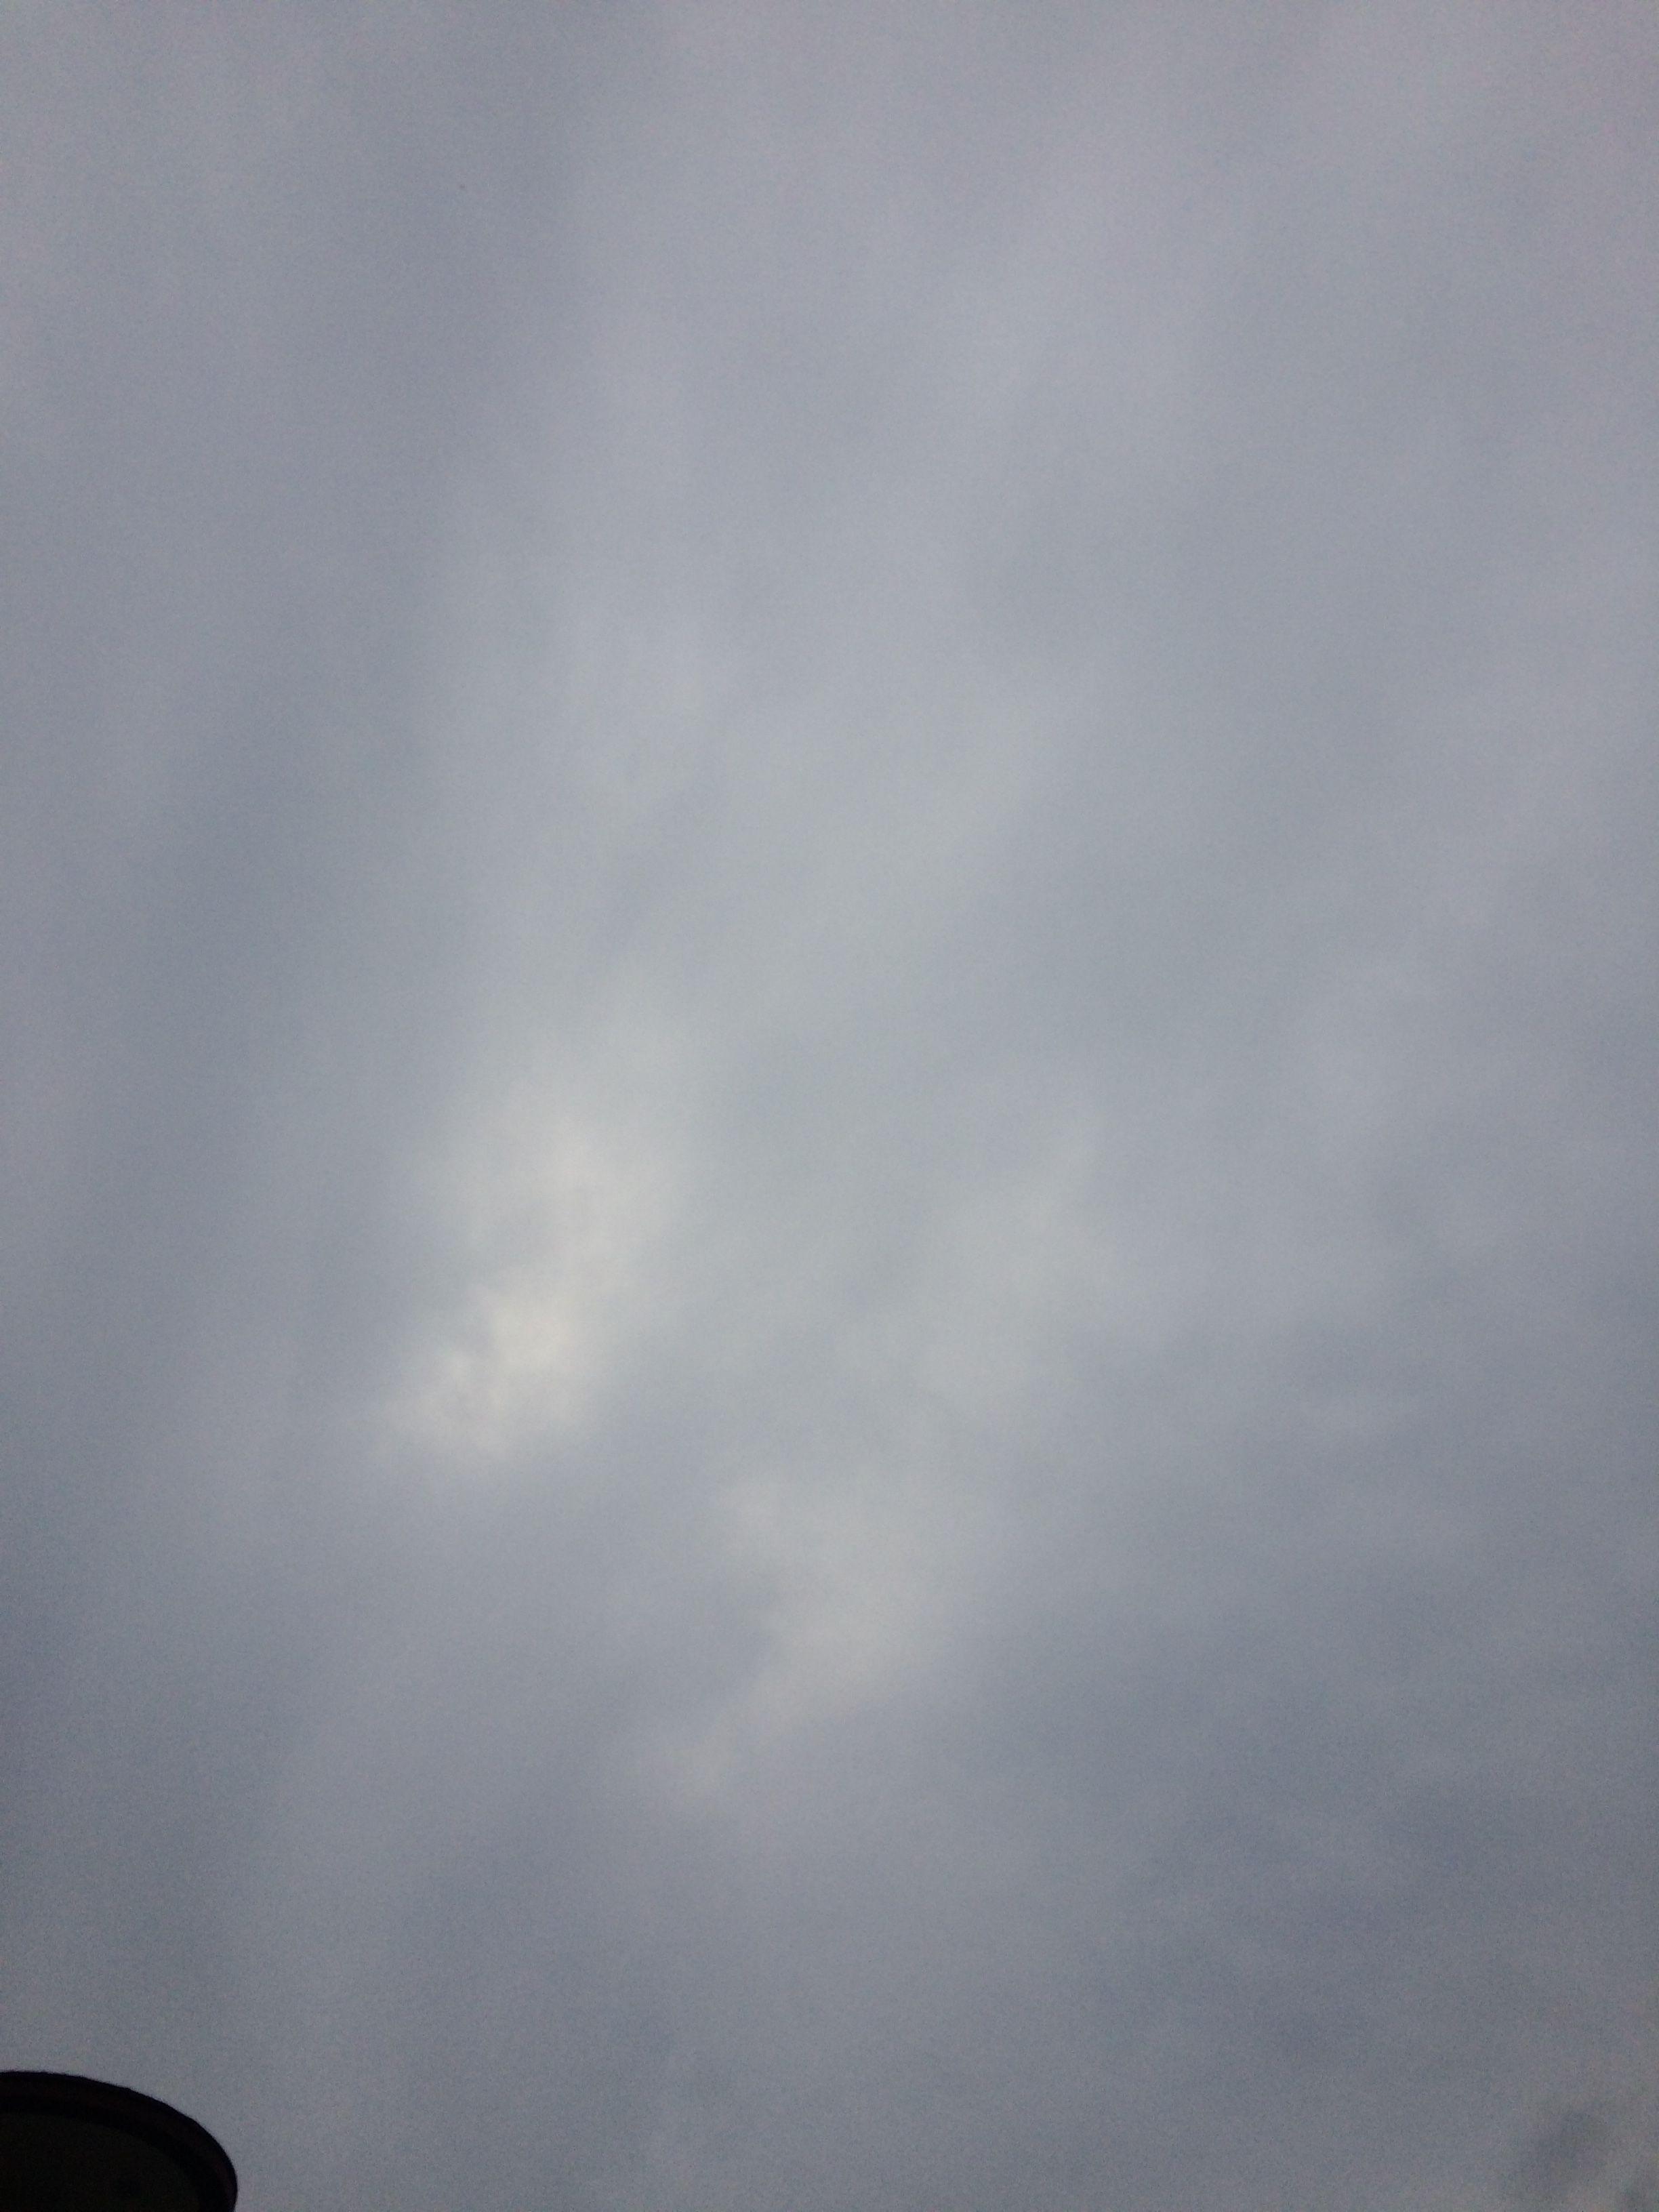 2017년 8월 19일의 하늘 sky cloud (With images) Ombre